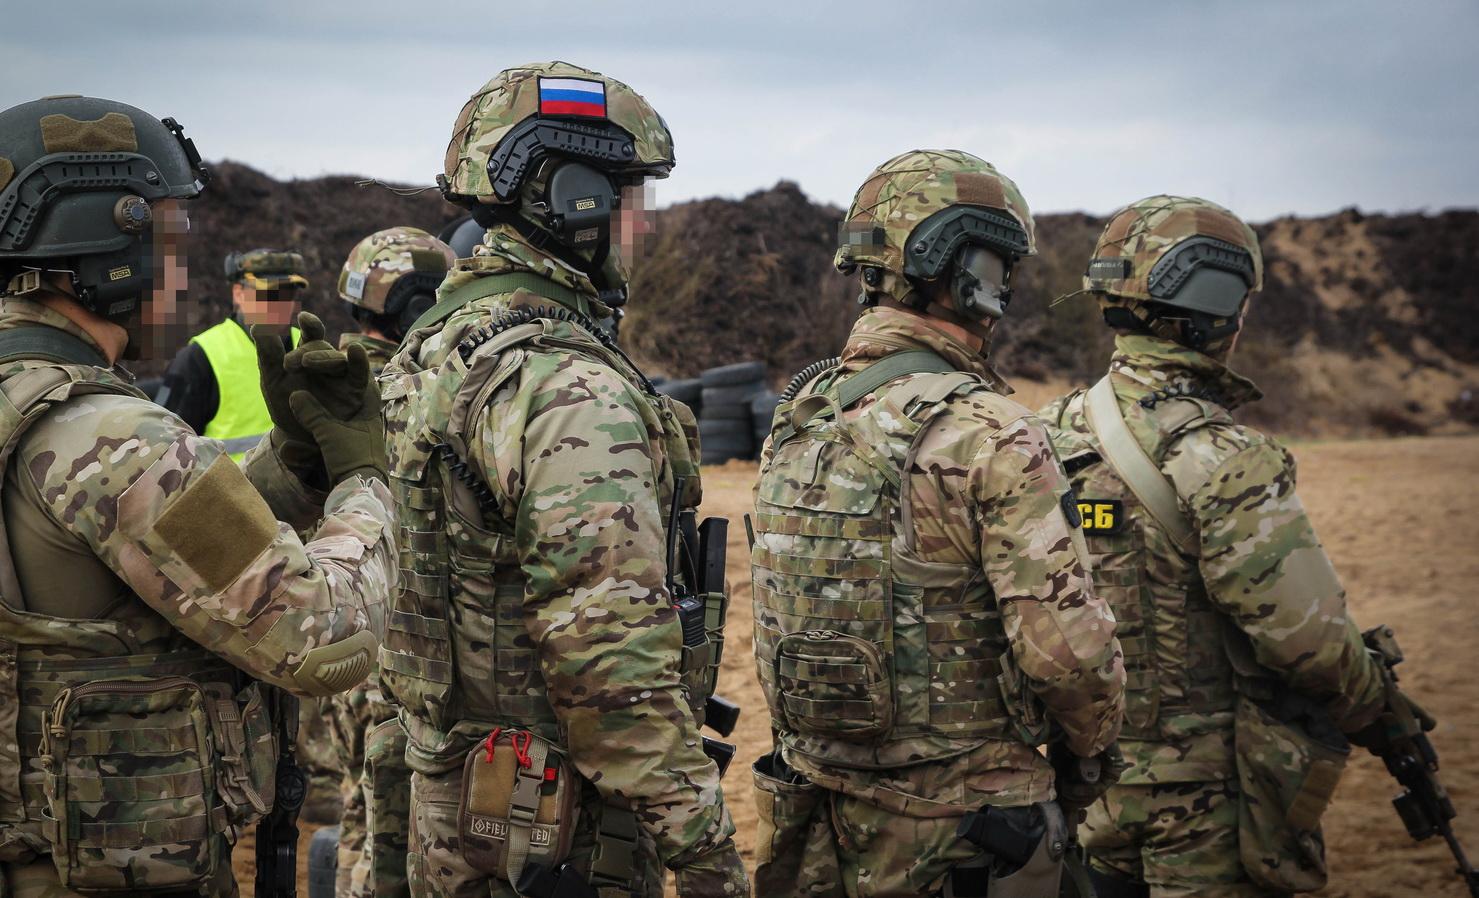 Почему спецназ ФСБ пользуется камуфляжем Multicam из США?